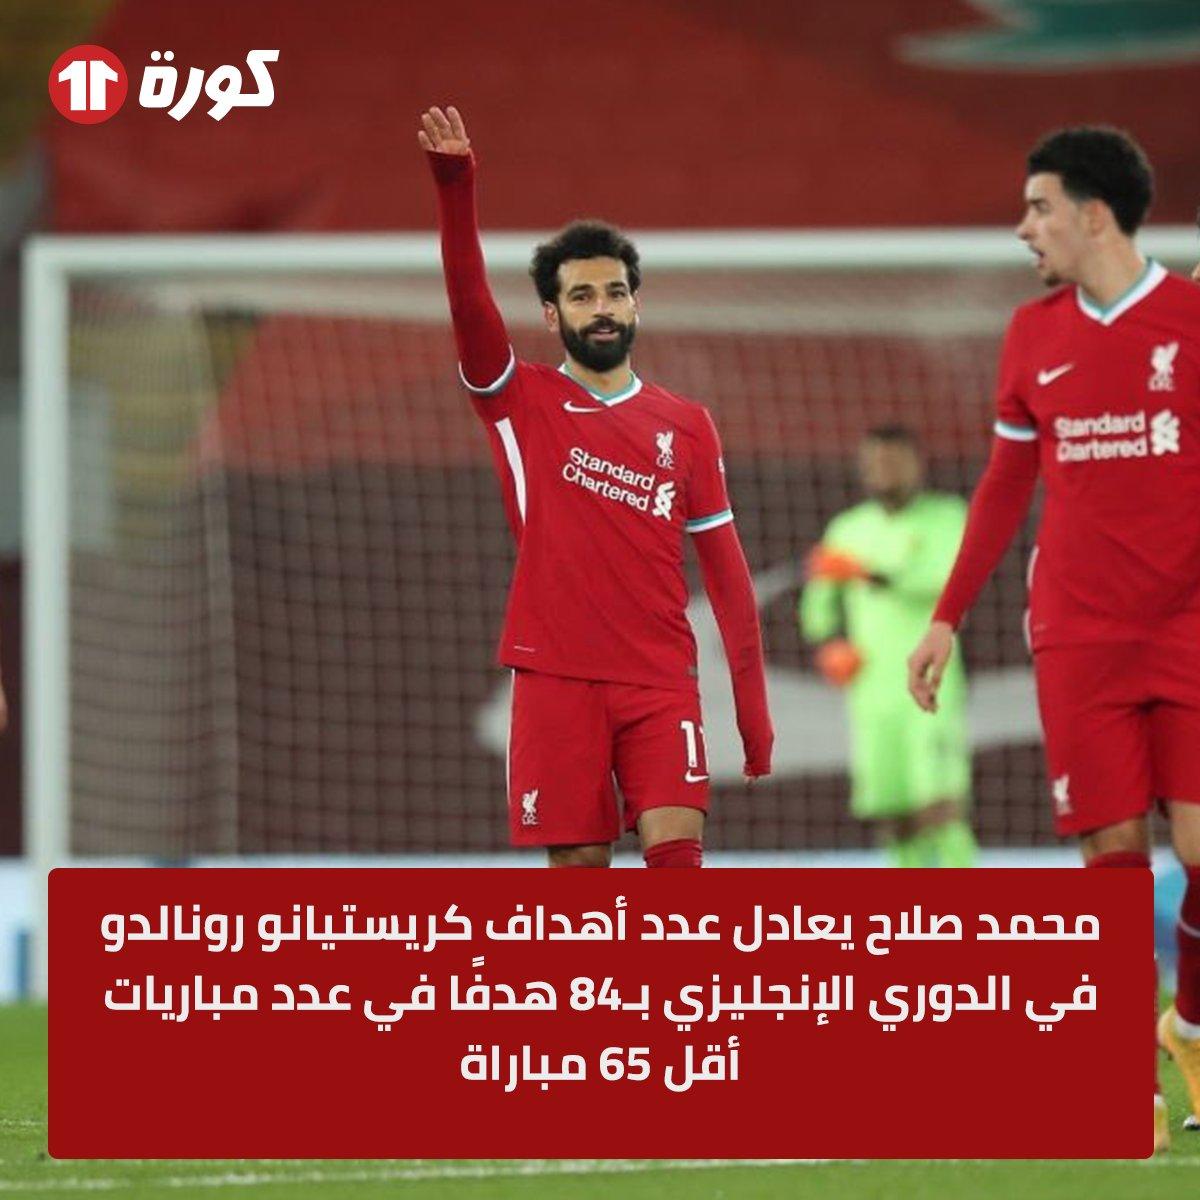 عدد اهداف محمد صلاح في الدوري الانجليزي